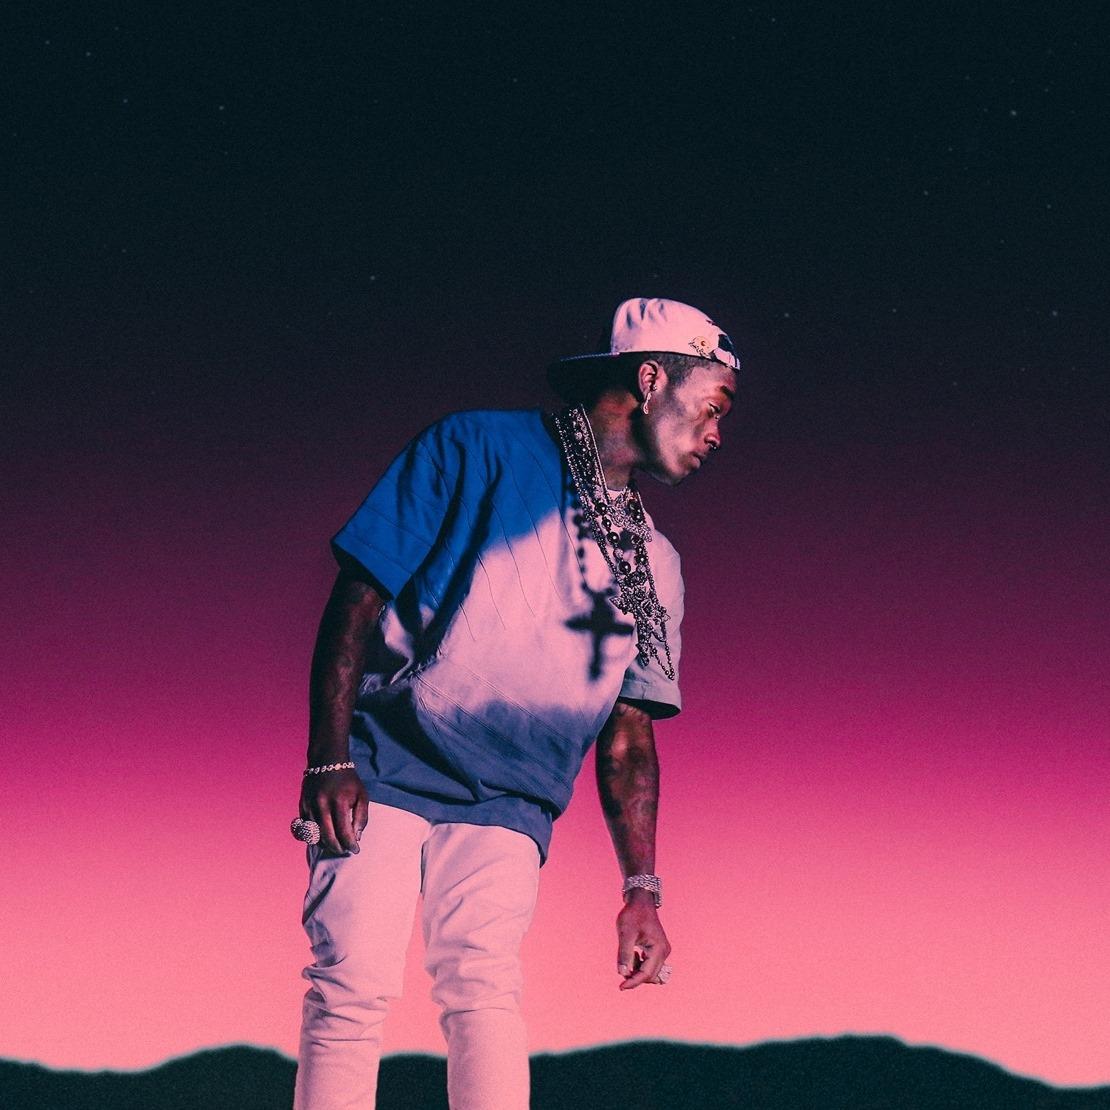 Lil Uzi Vert – Marni On Me ft. Future